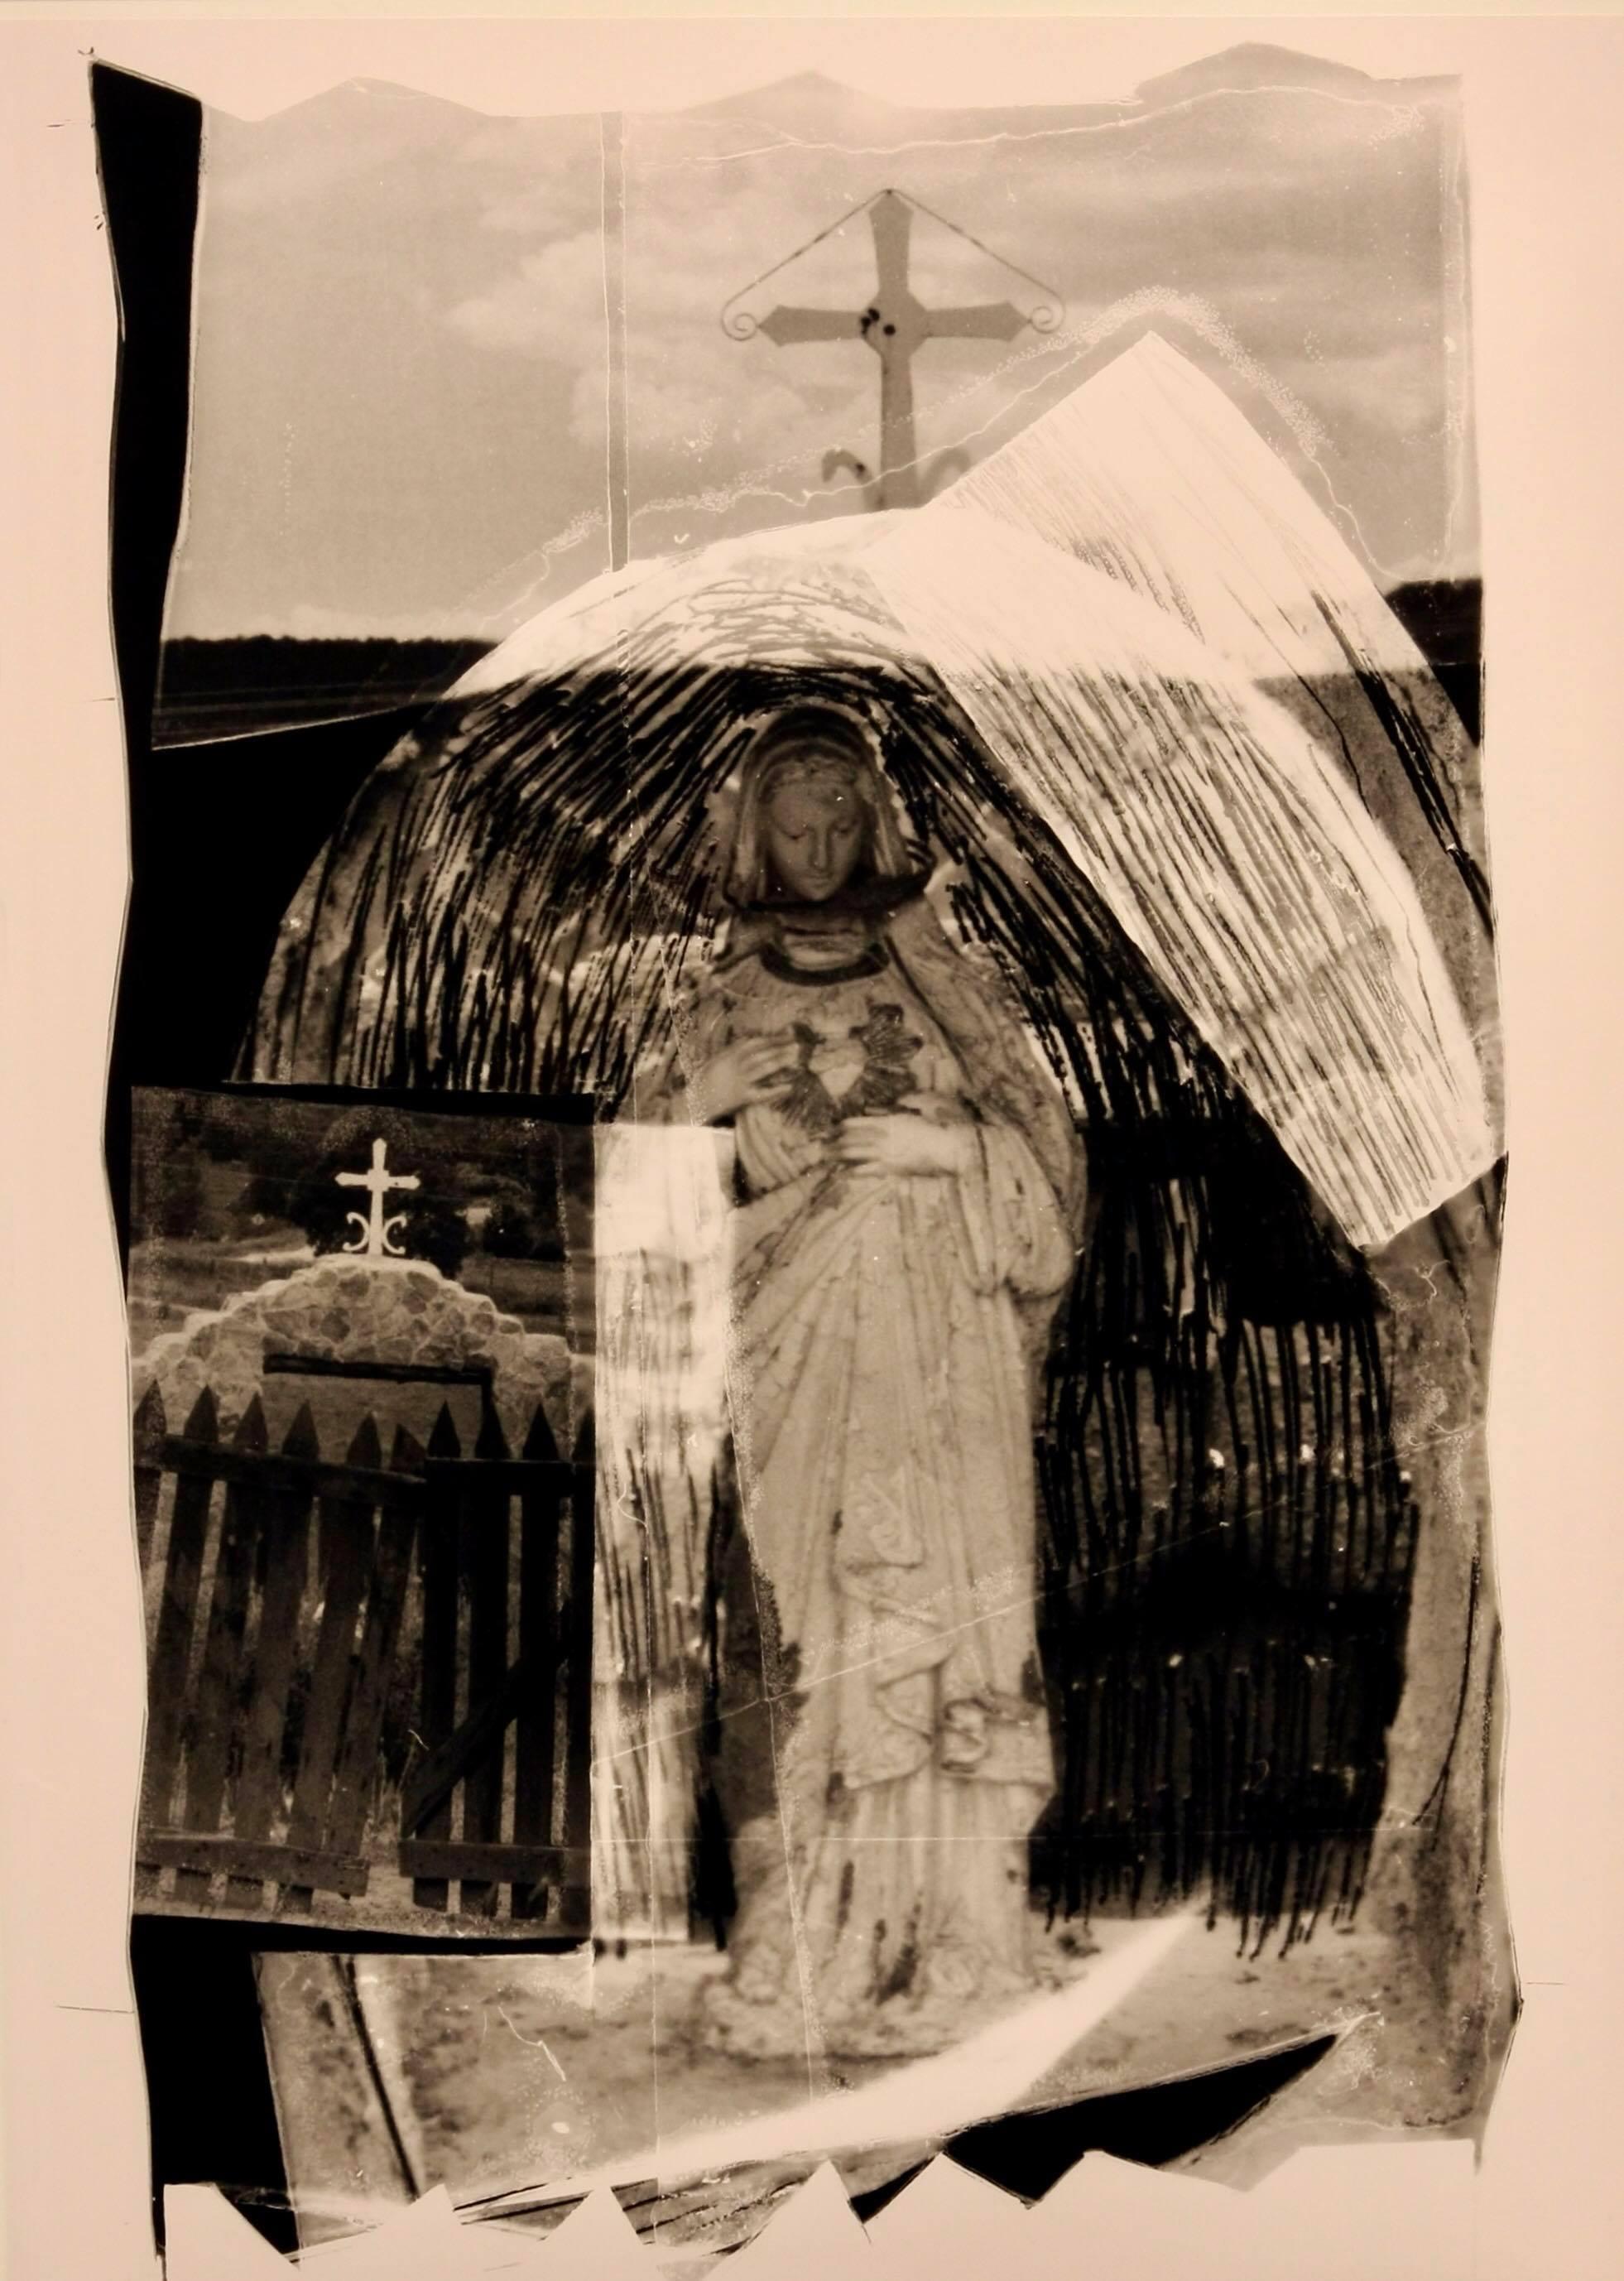 Jon Cournoyer, Dios da y Dios quita, 1997. Cibachrome. MOCRA collection.